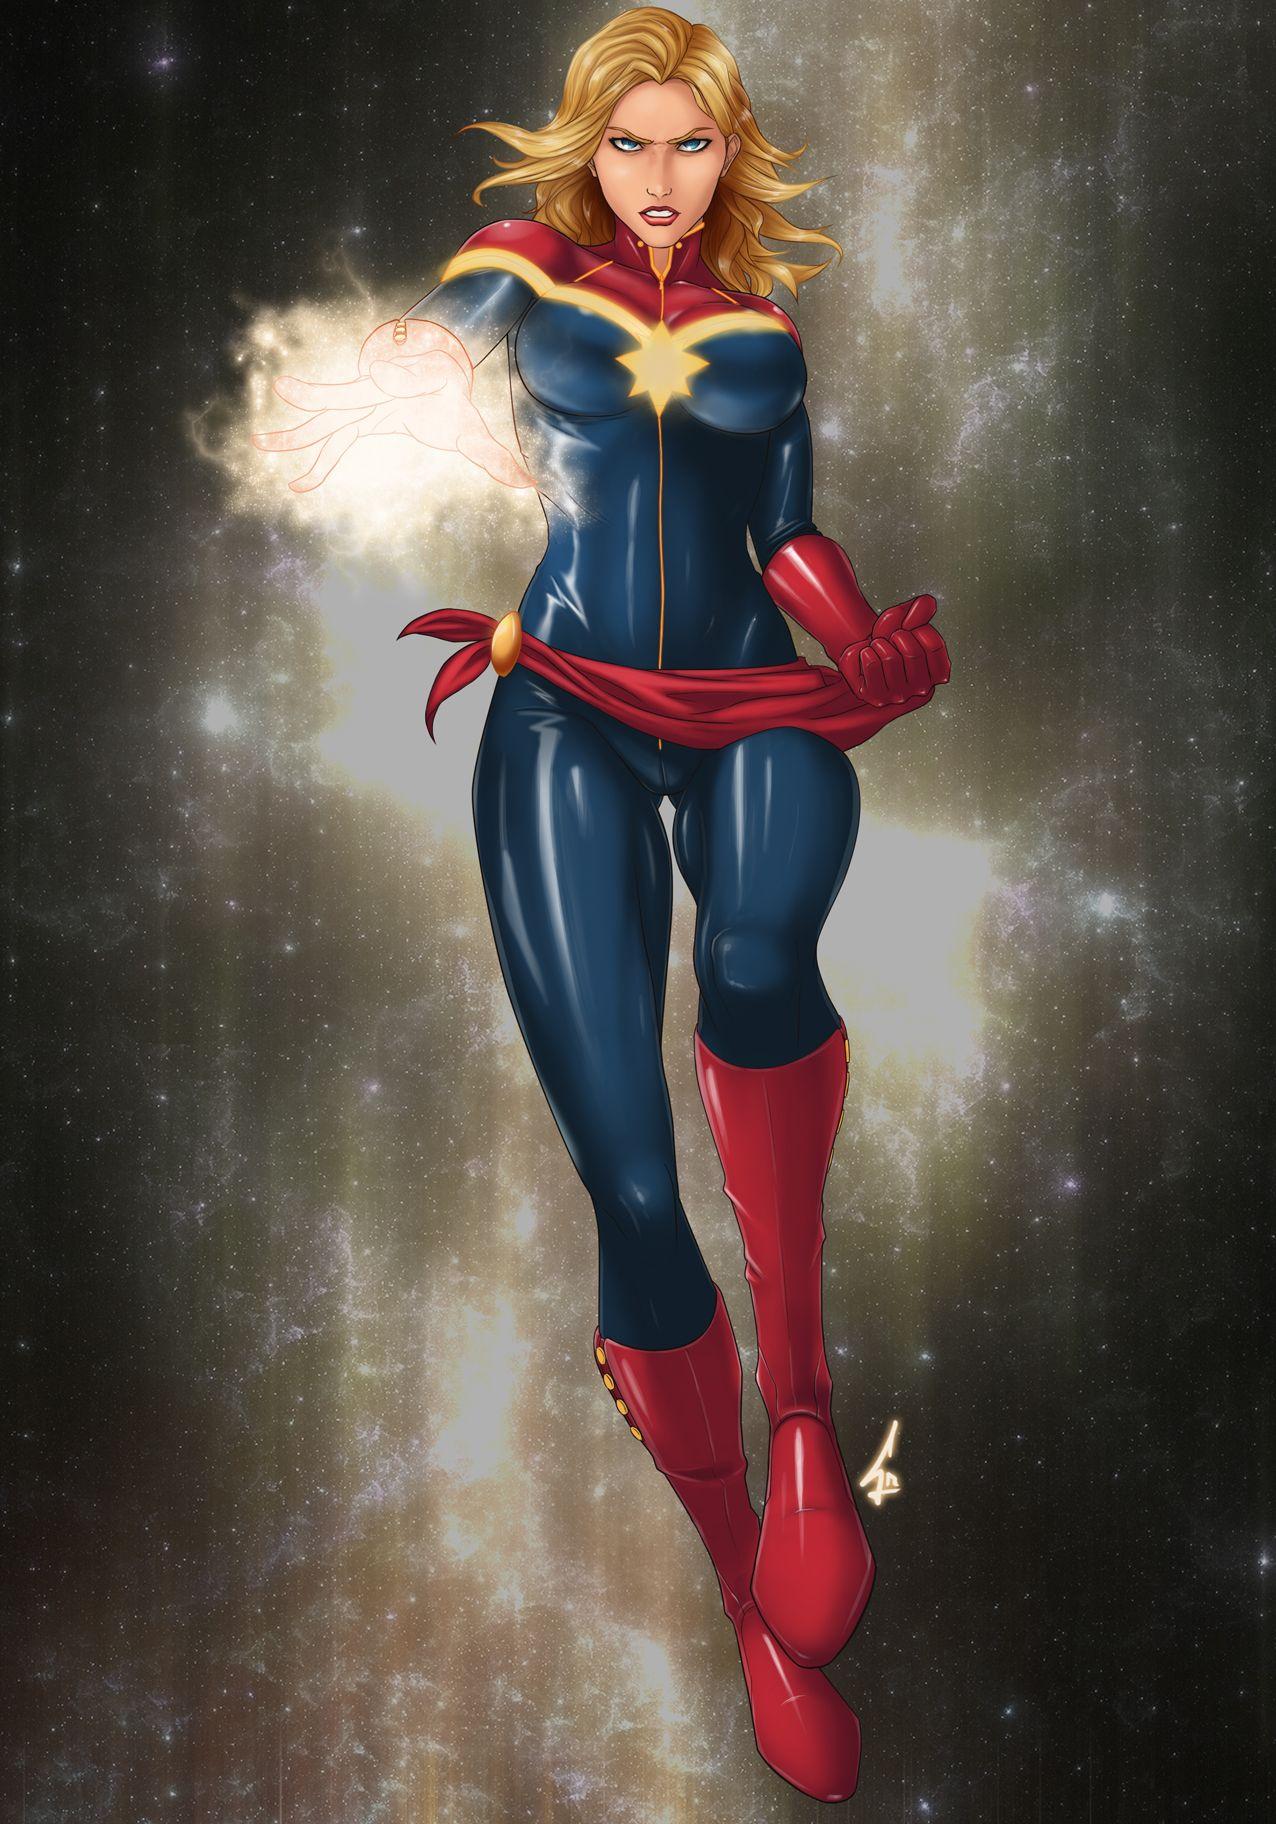 марте жены супергероев картинки что снимок